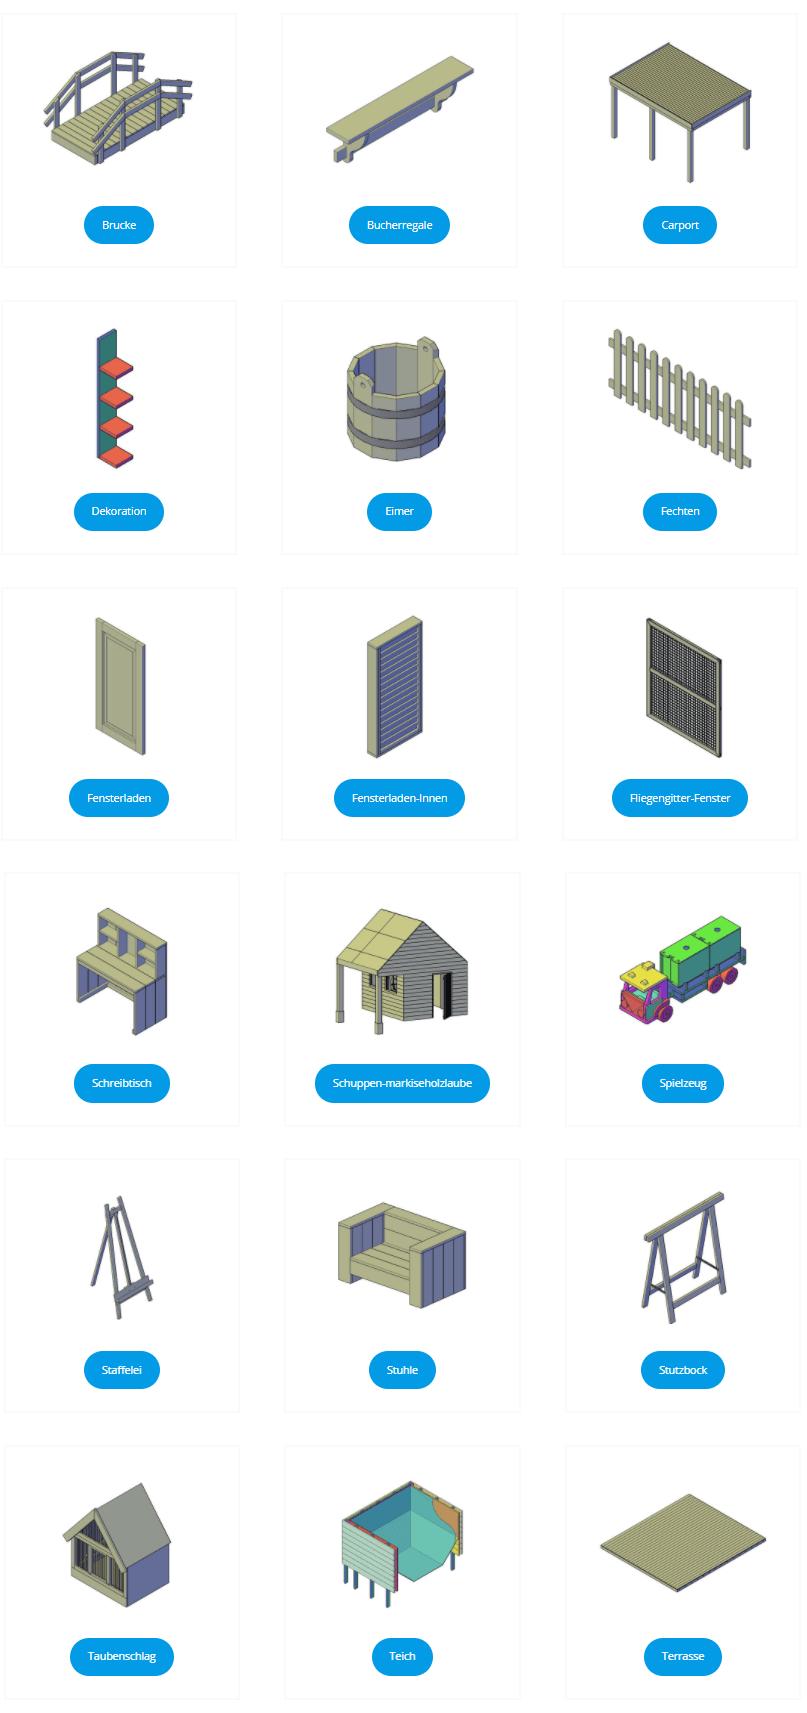 © fredsbauanleitungen.de / über 70 Kategorien für DIY Projekte